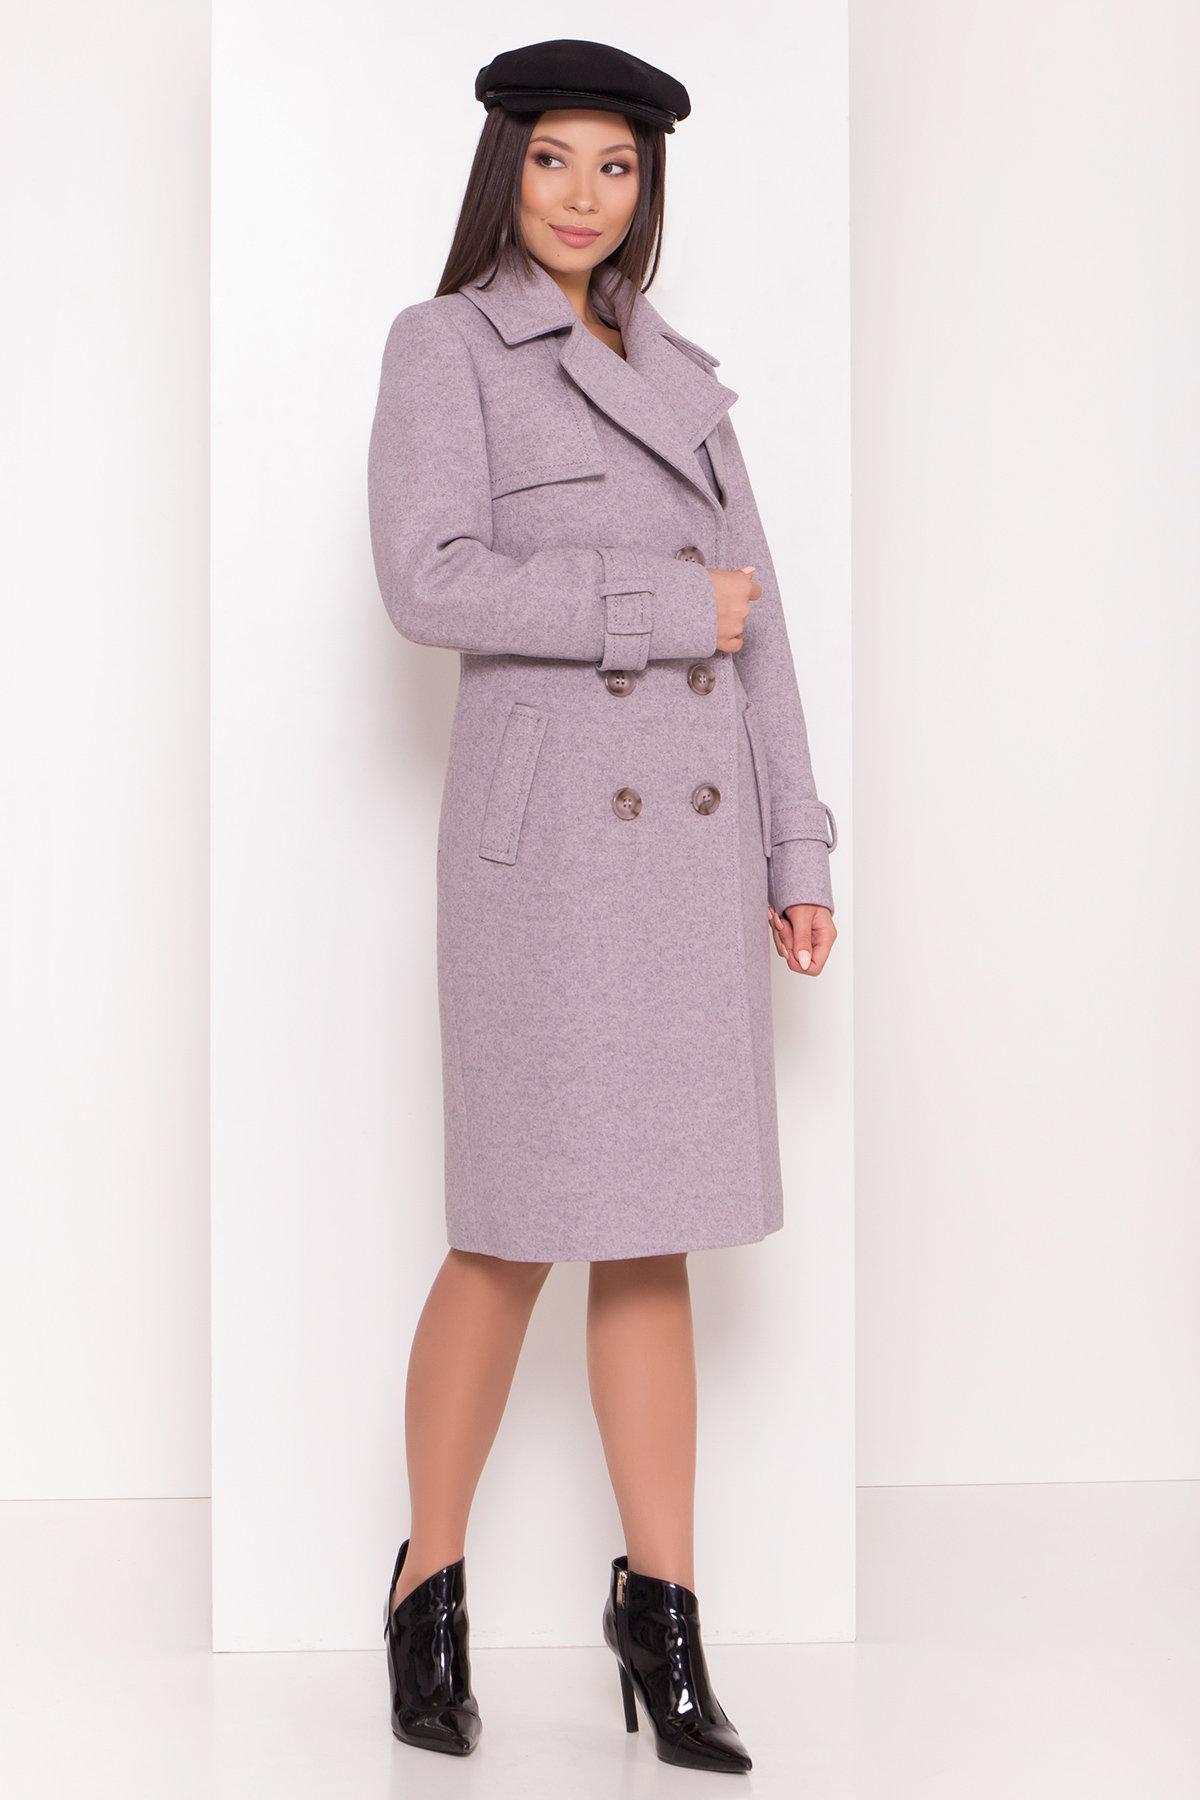 Двубортное пальто демисезон Монте 8089 АРТ. 44031 Цвет: Серый-розовый - фото 4, интернет магазин tm-modus.ru